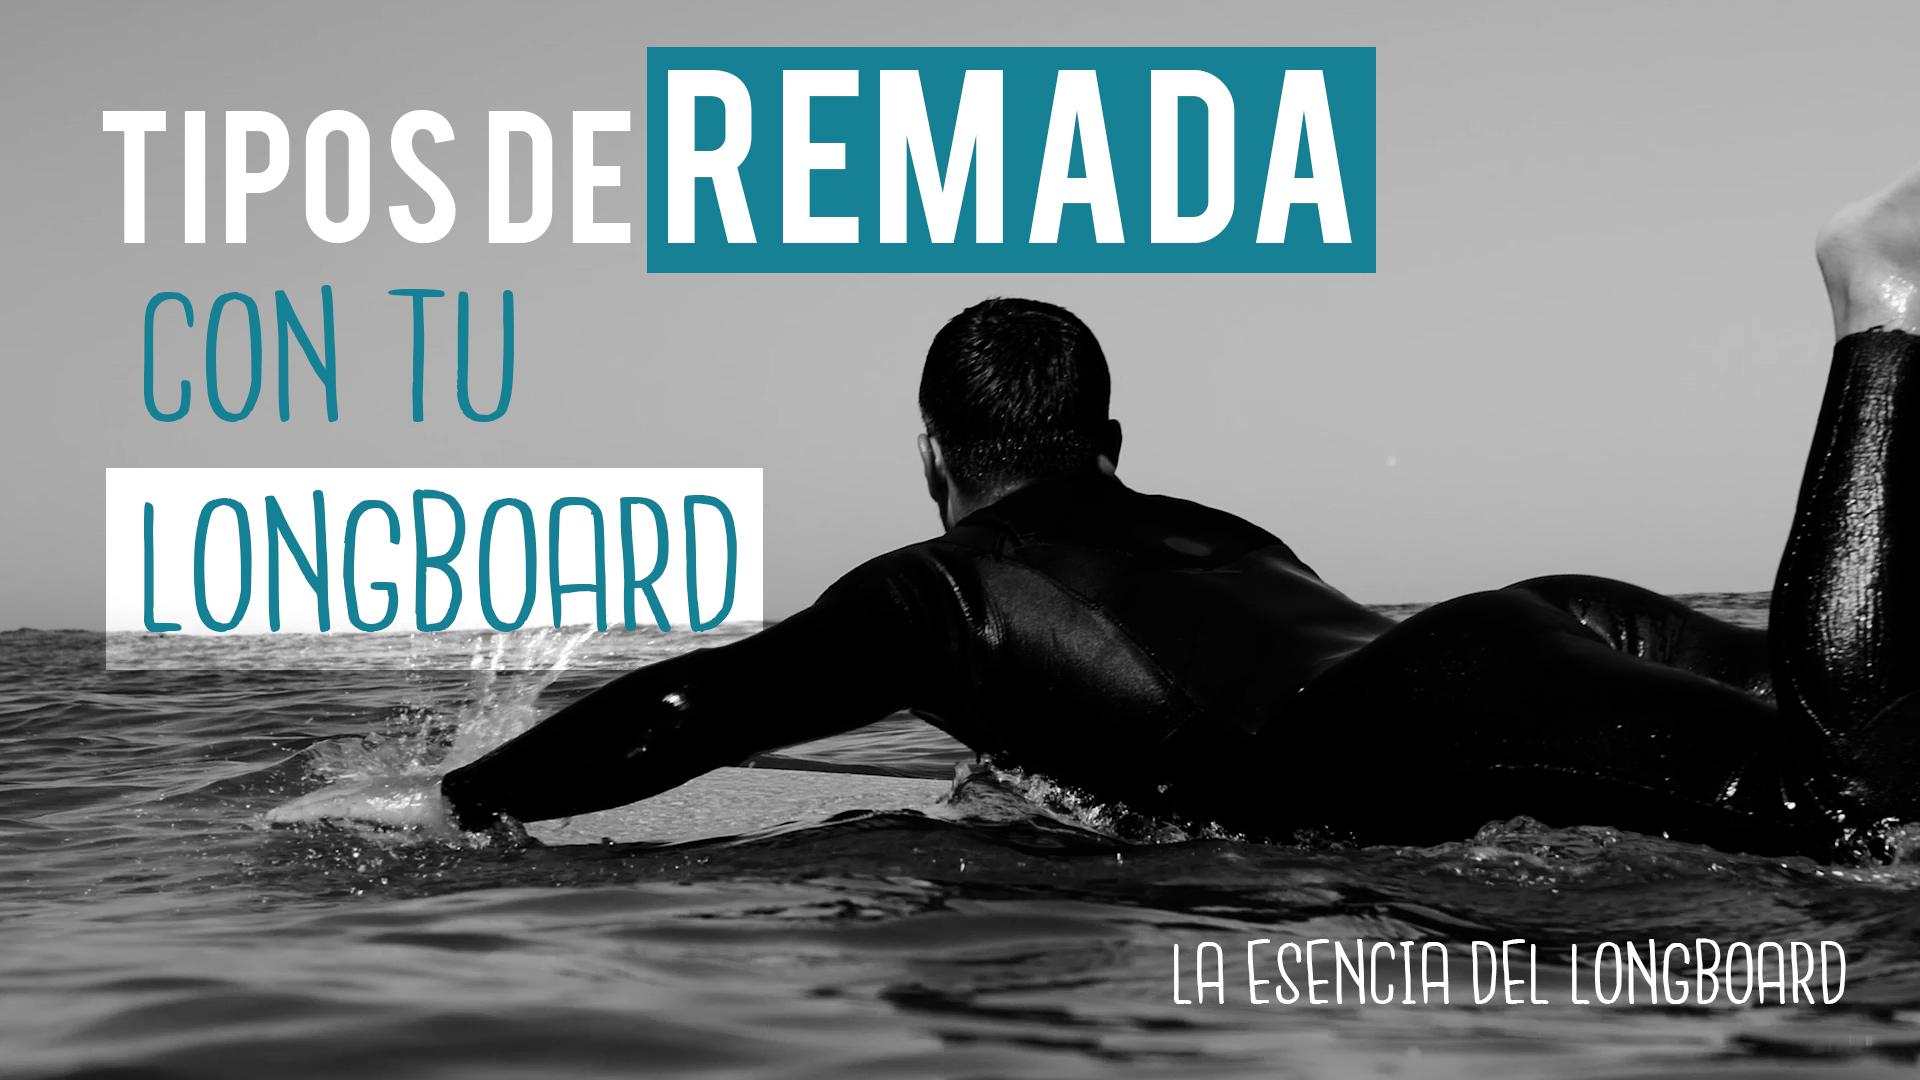 Mejora tu surf en longboard con estas técnicas de remada